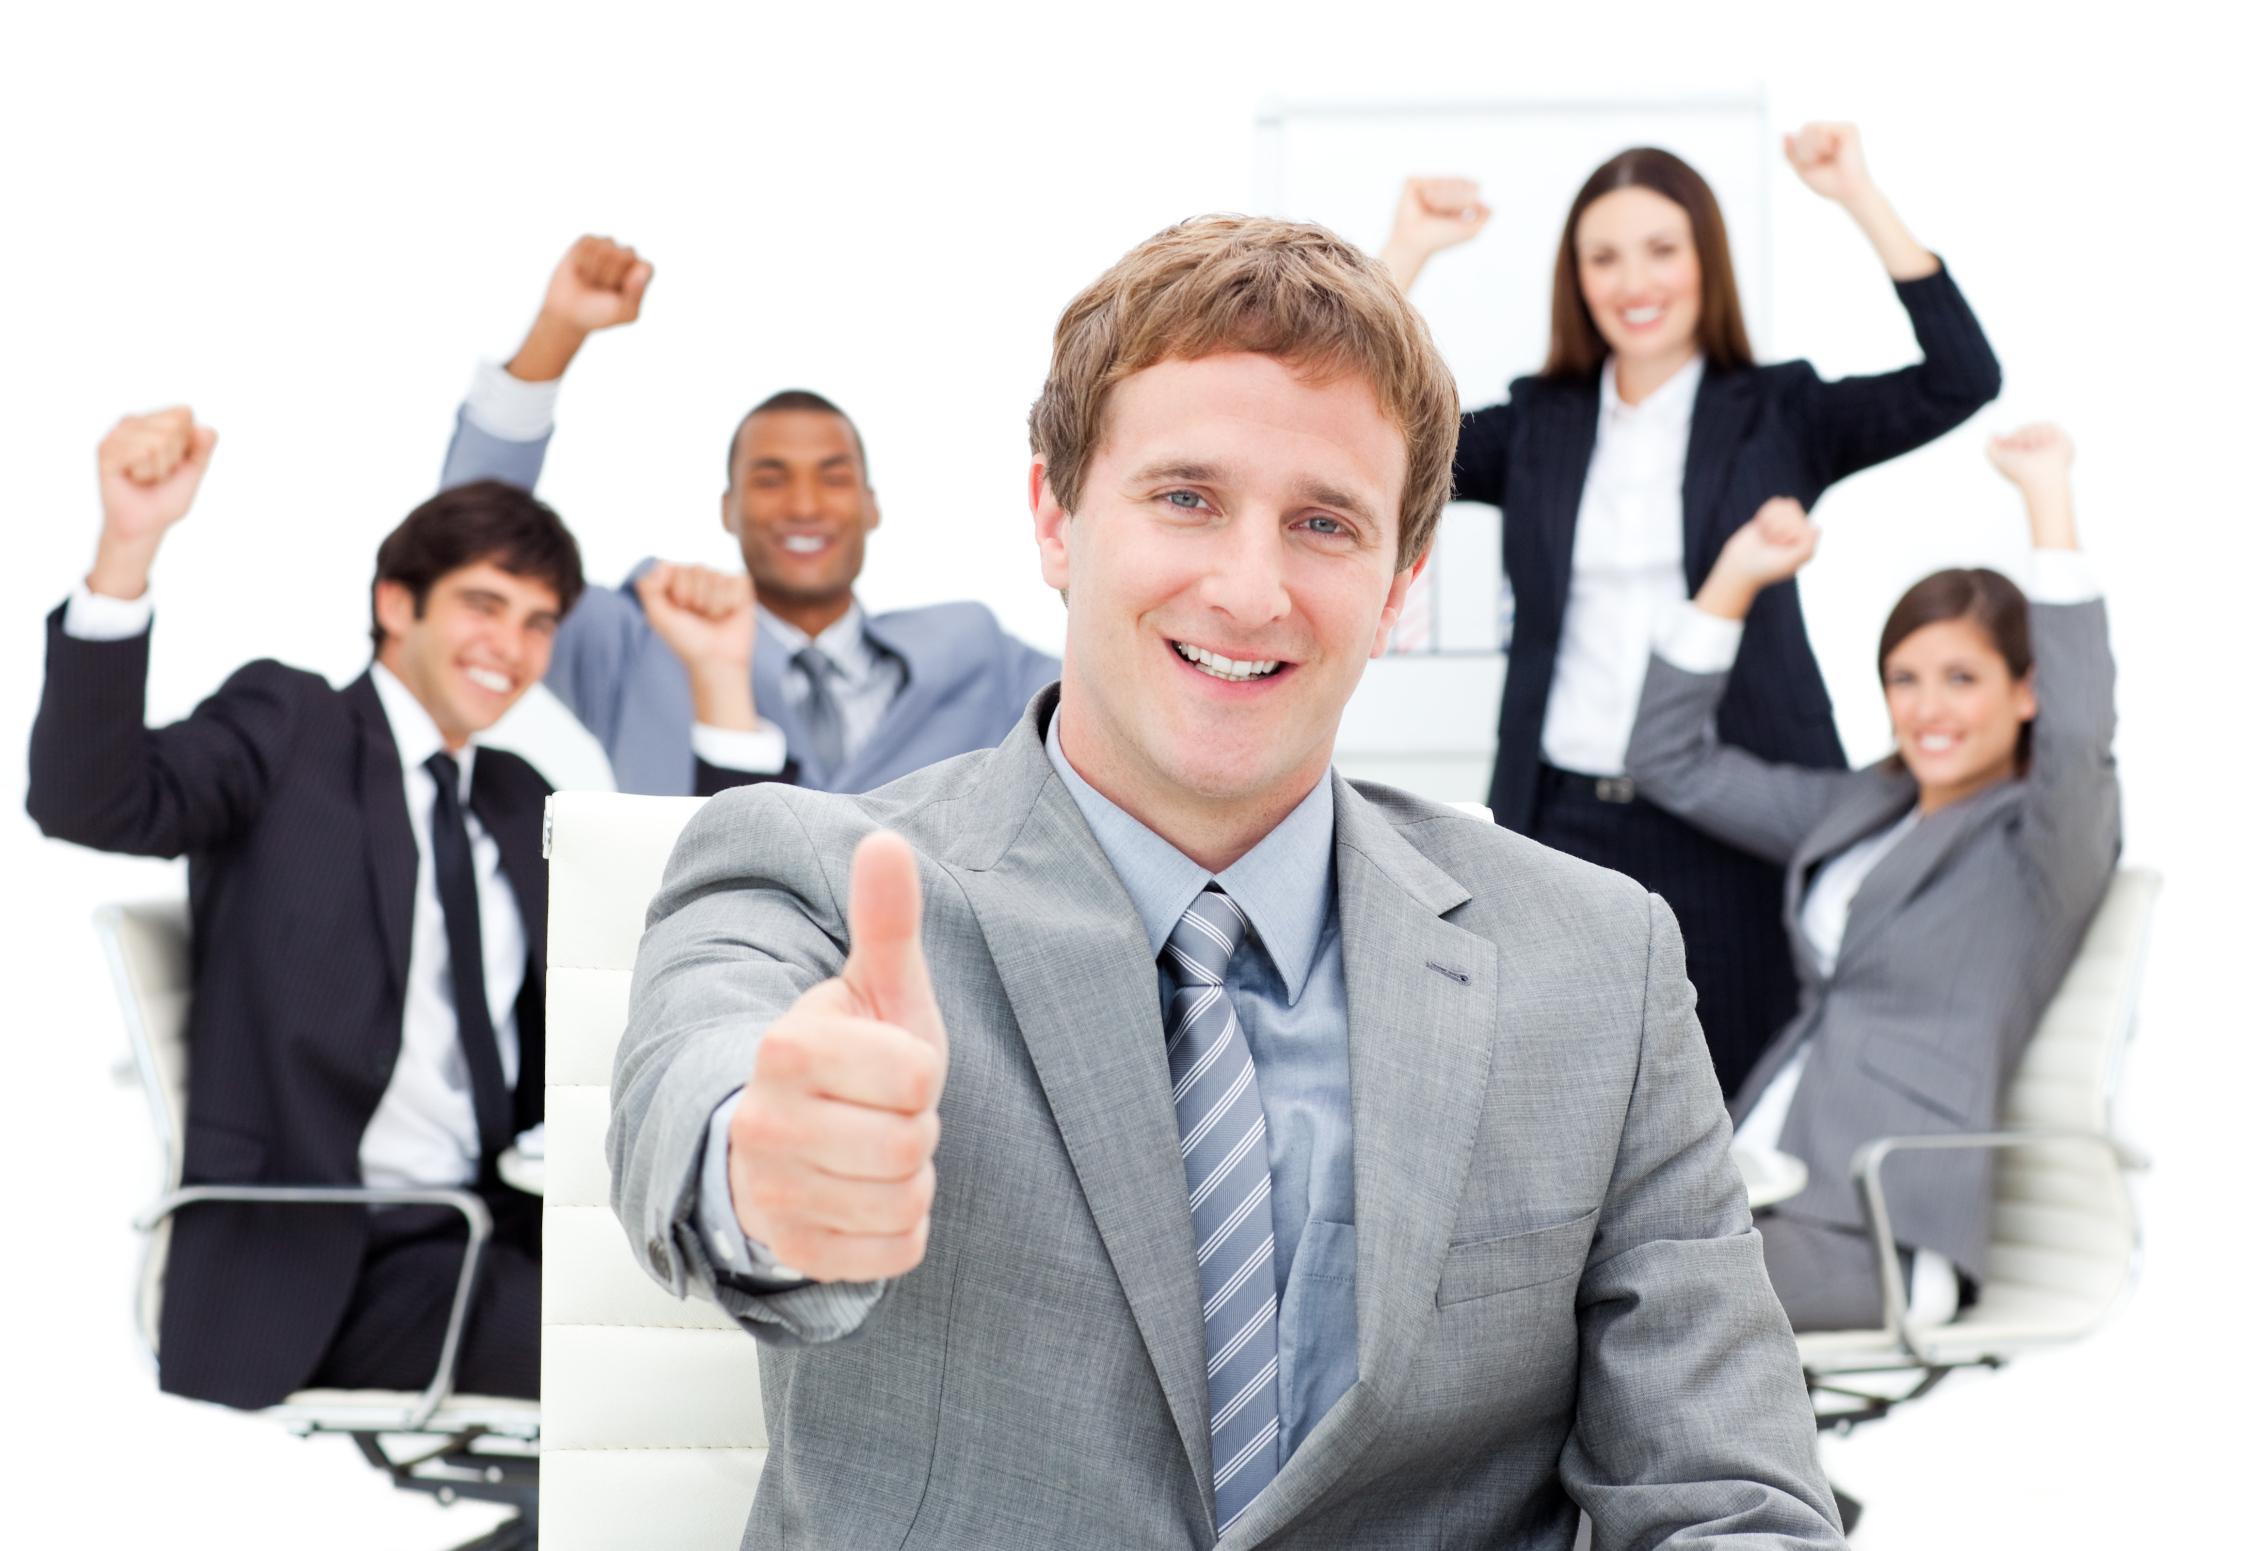 在销售调查栏目当中进行了调查,同时也问了身边的朋友,大家感兴趣的话题有很多,今天来说说如何进行销售团队激励。 销售队伍中肯定会出现明星团队和落后团队,落后团队的销售经理会感到压力,如何激励自己的团队走出低落的泥潭,是考验销售经理能力的一大难题。 落后团队可能遇到如下的问题:团队成员经验不足、市场环境不好、产品不好。作为销售经理一定要找准要害,一一击破。 第一步:了解团队 销售经理既要保持在团队成员当中的领袖心理地位,也要靠近成员,了解他们的心理状态。过多的接近或者过远的疏离,都可能造成团队成员心理上